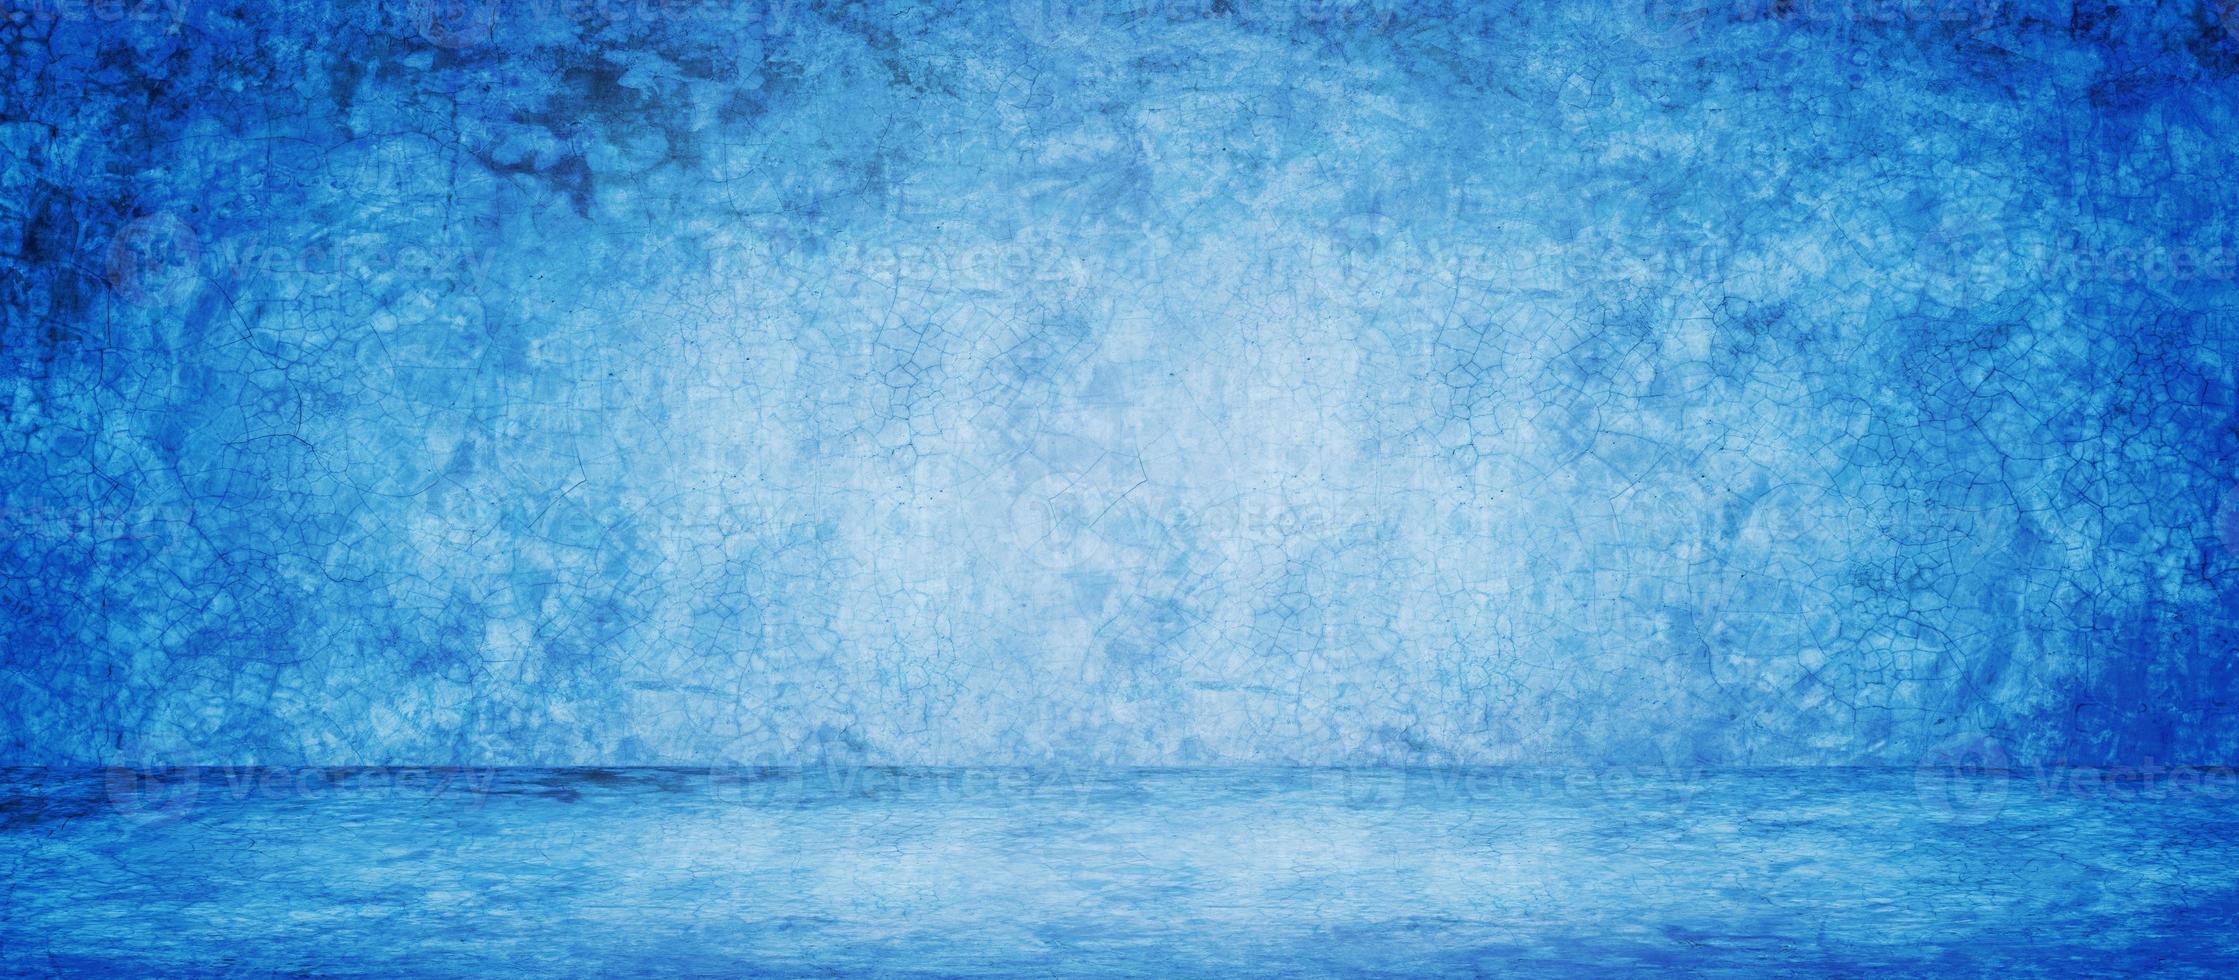 fondo de banner de estudio azul foto